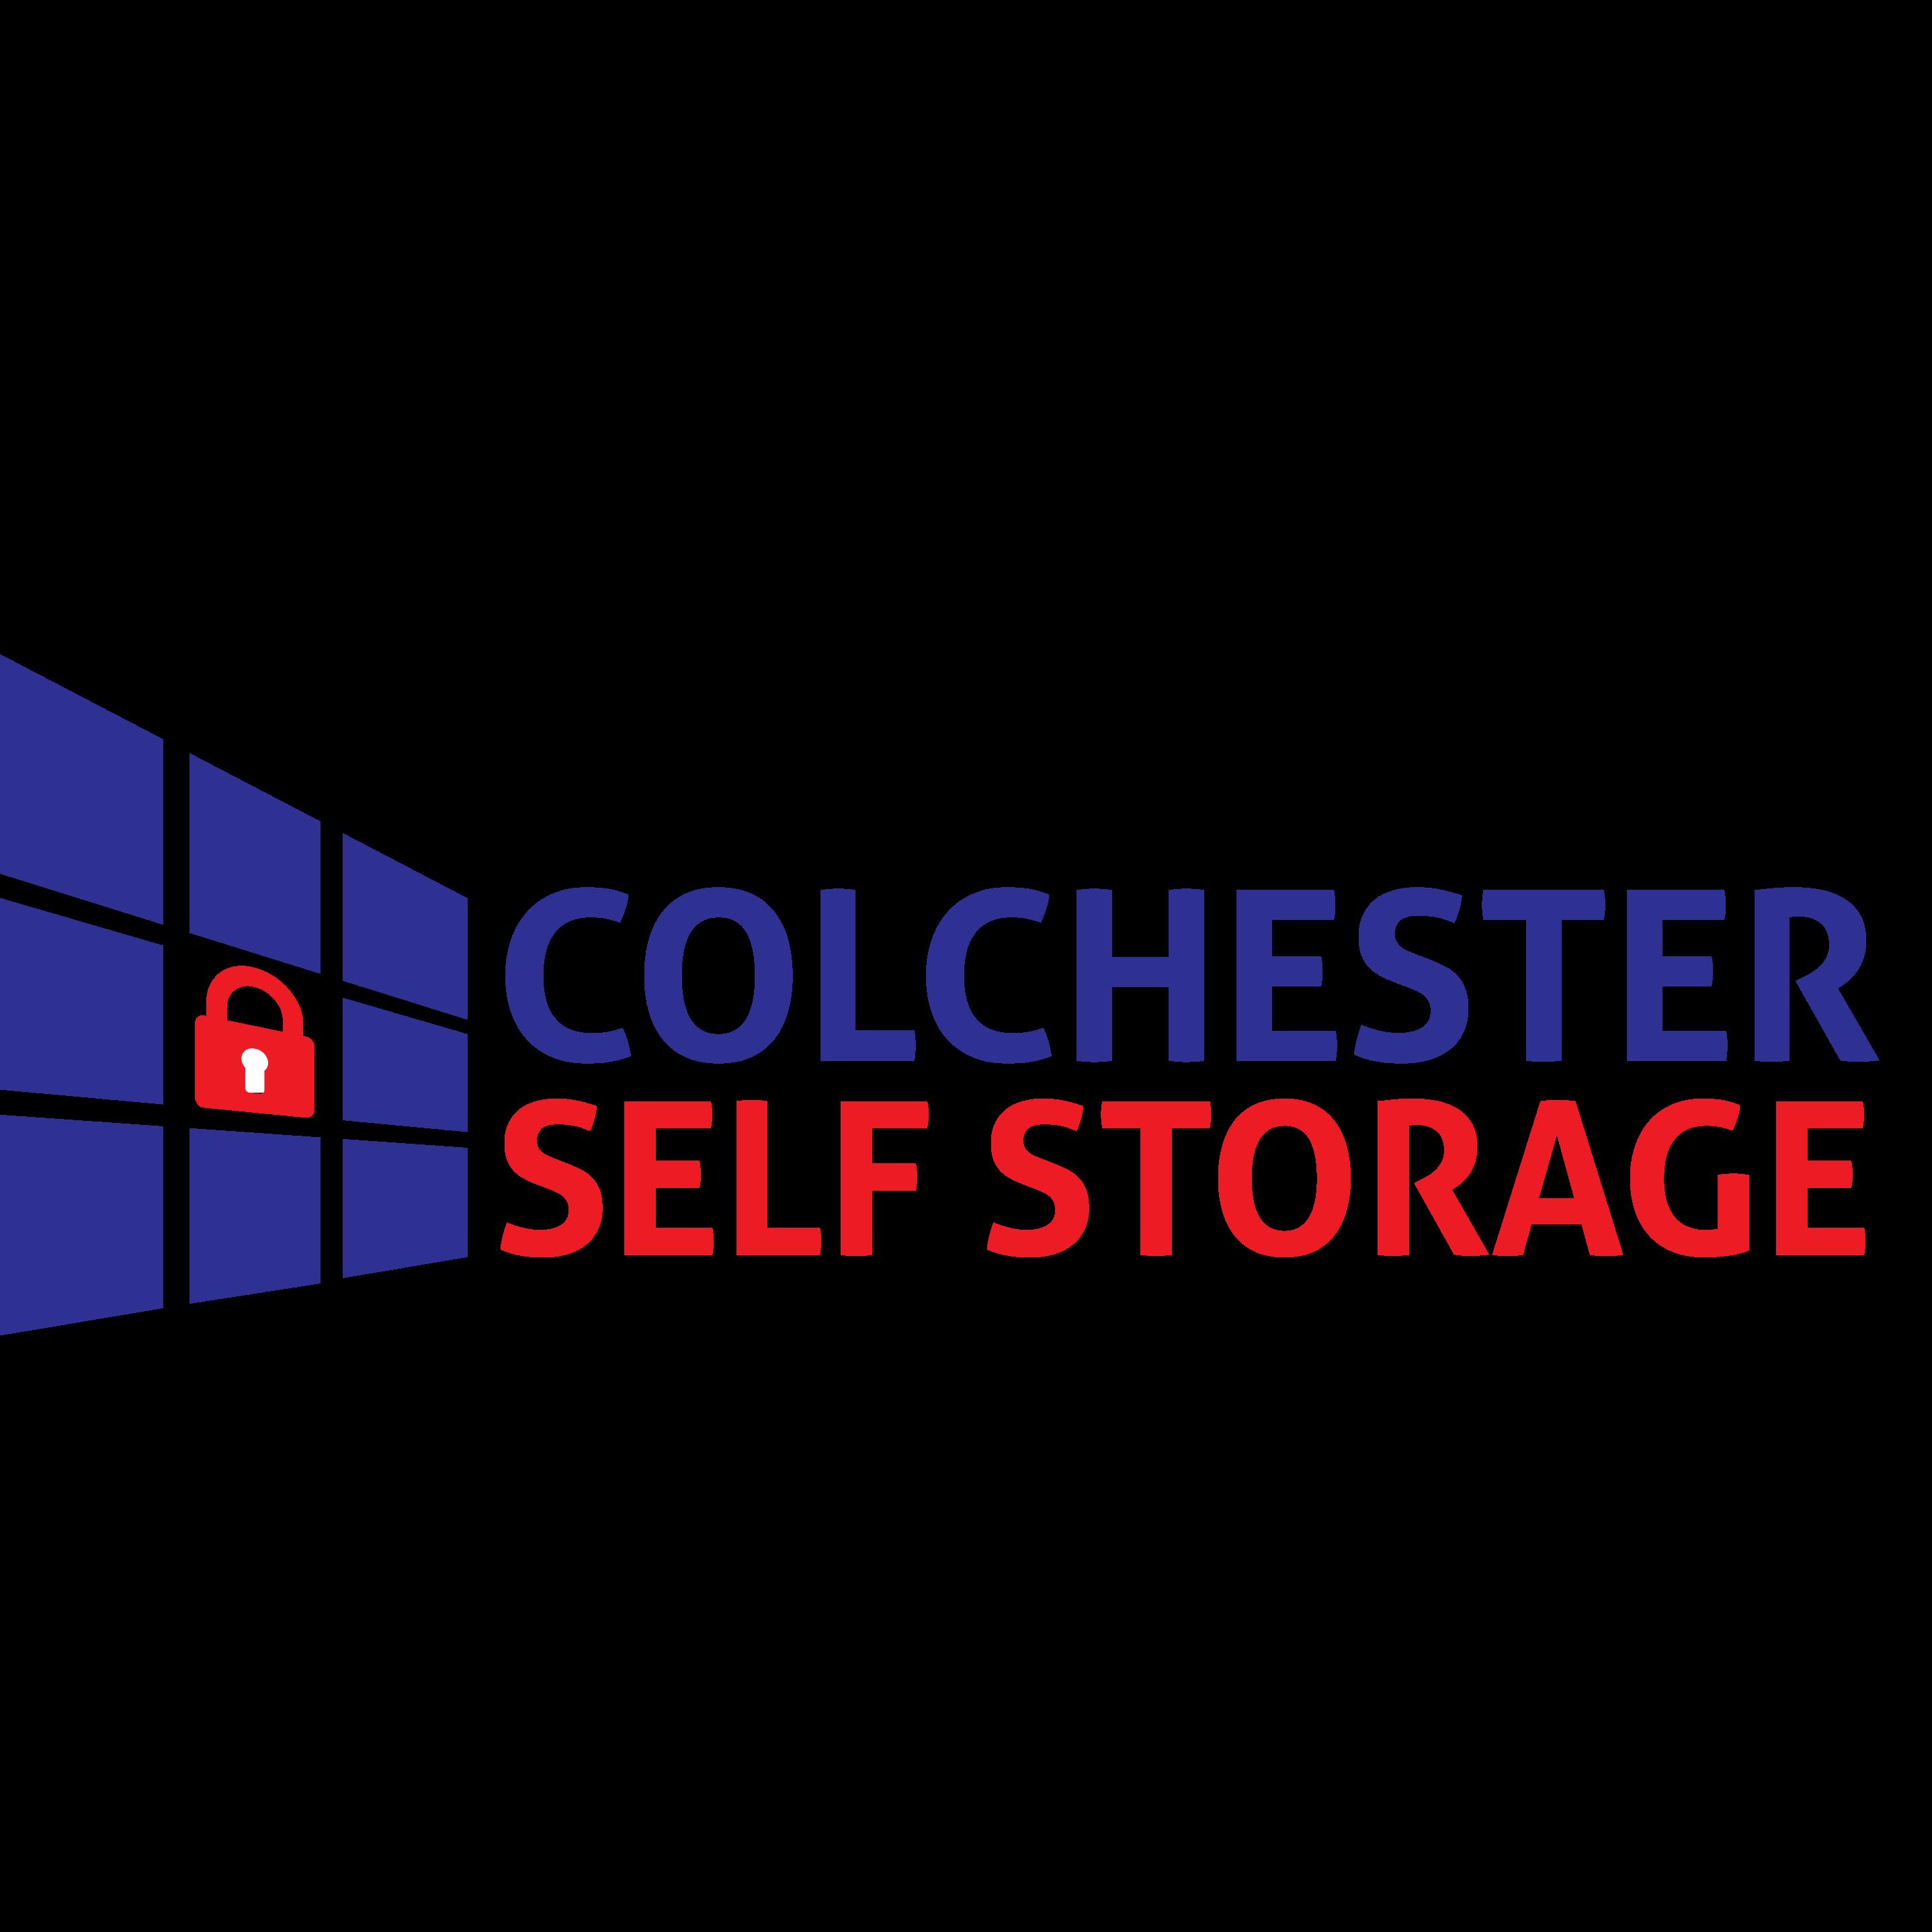 Colchester Self Storage